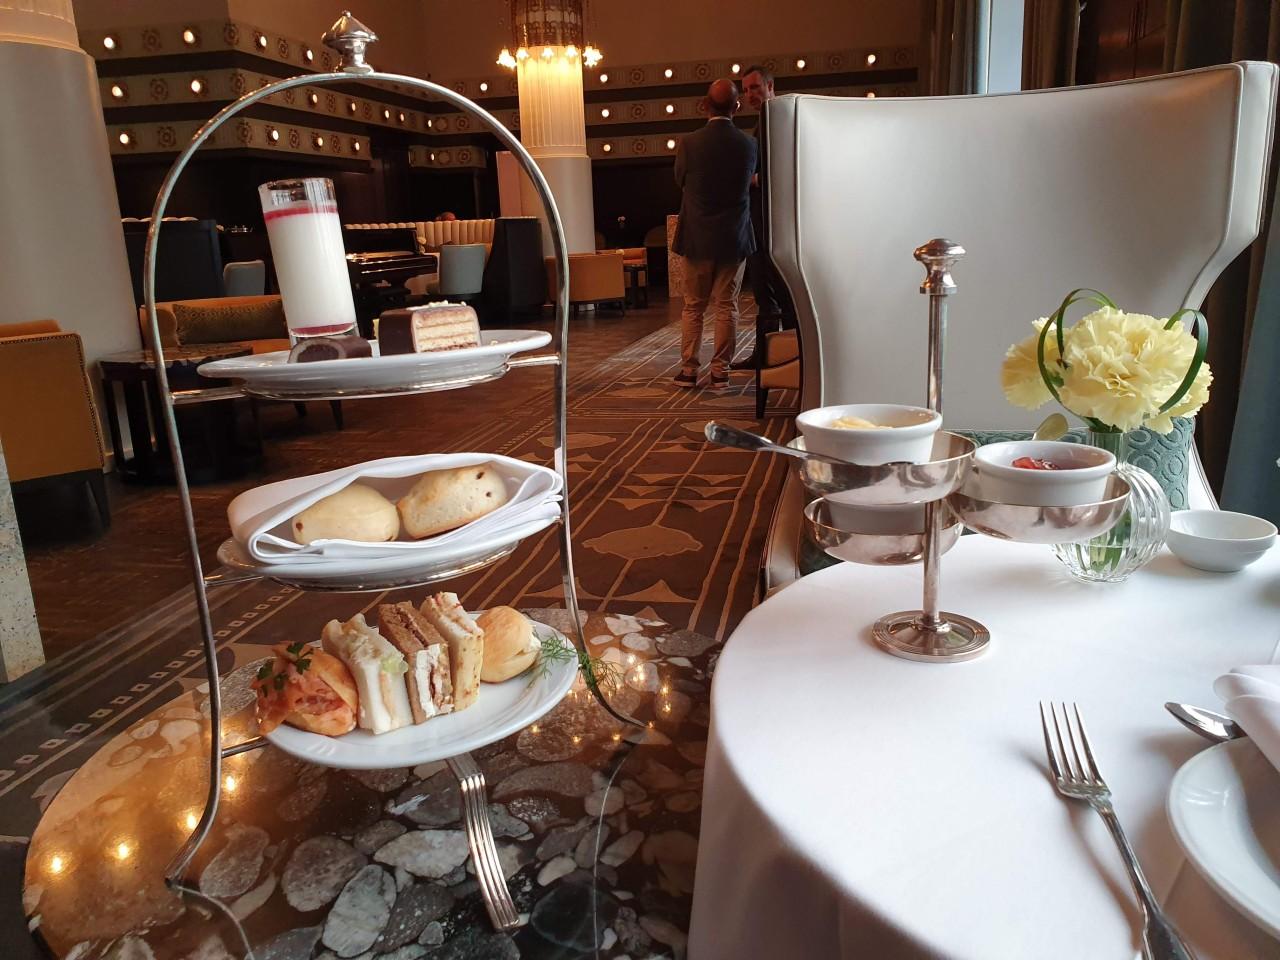 Day 5: Around the World in 80 Cakes #1 Hotel Bristol,Warsaw